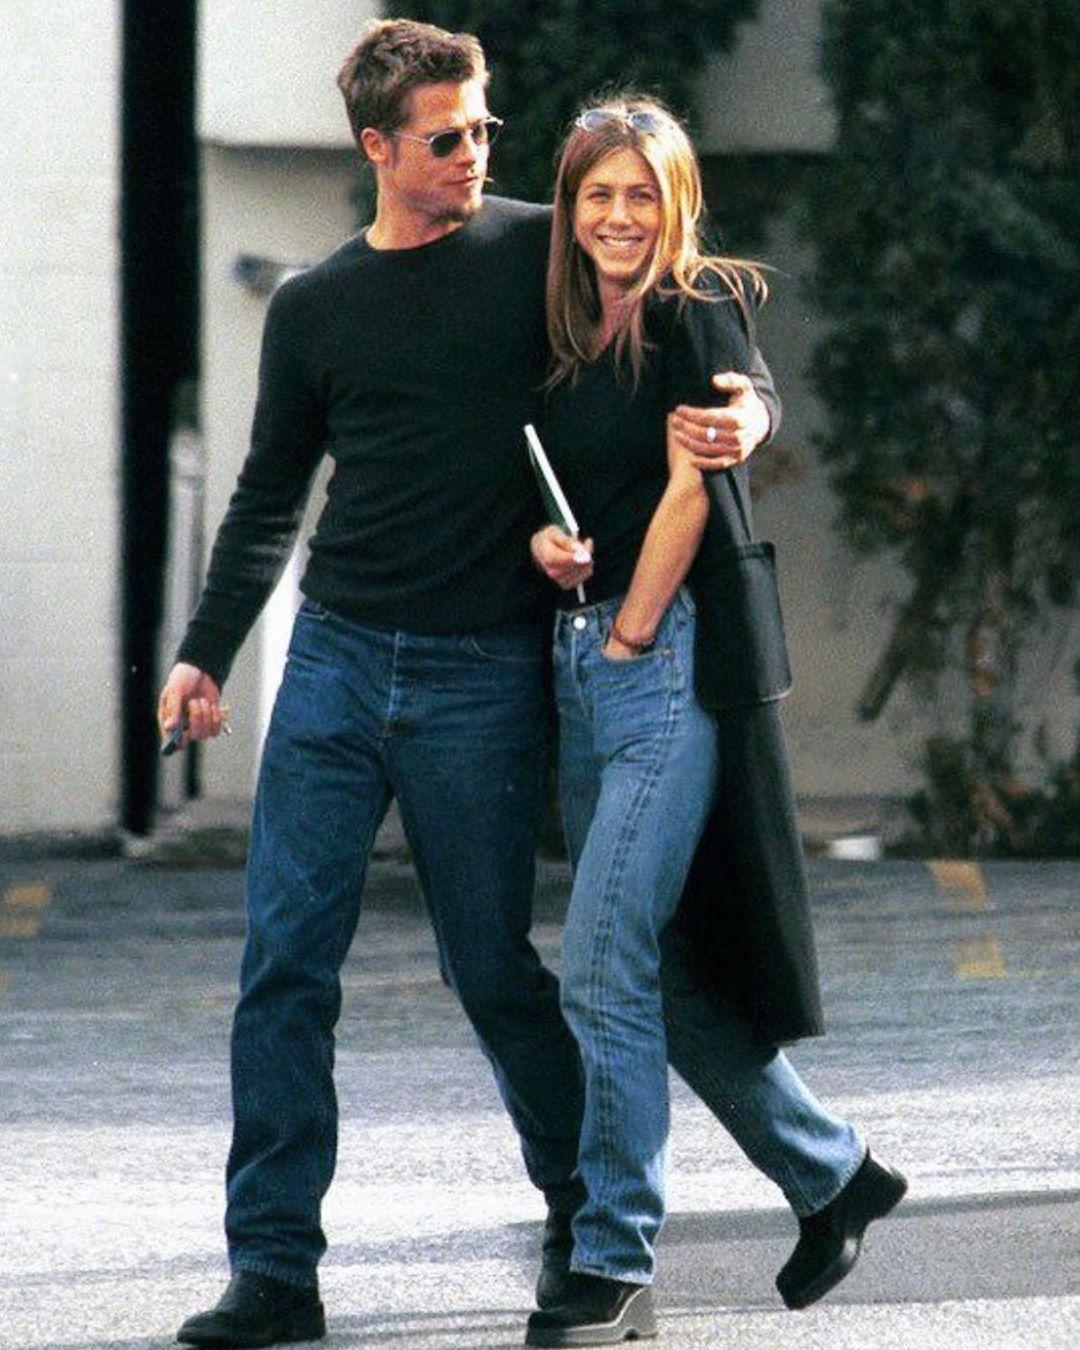 Aseguran que Brad Pitt y Jennifer Aniston están juntos de nuevo y se van a casar